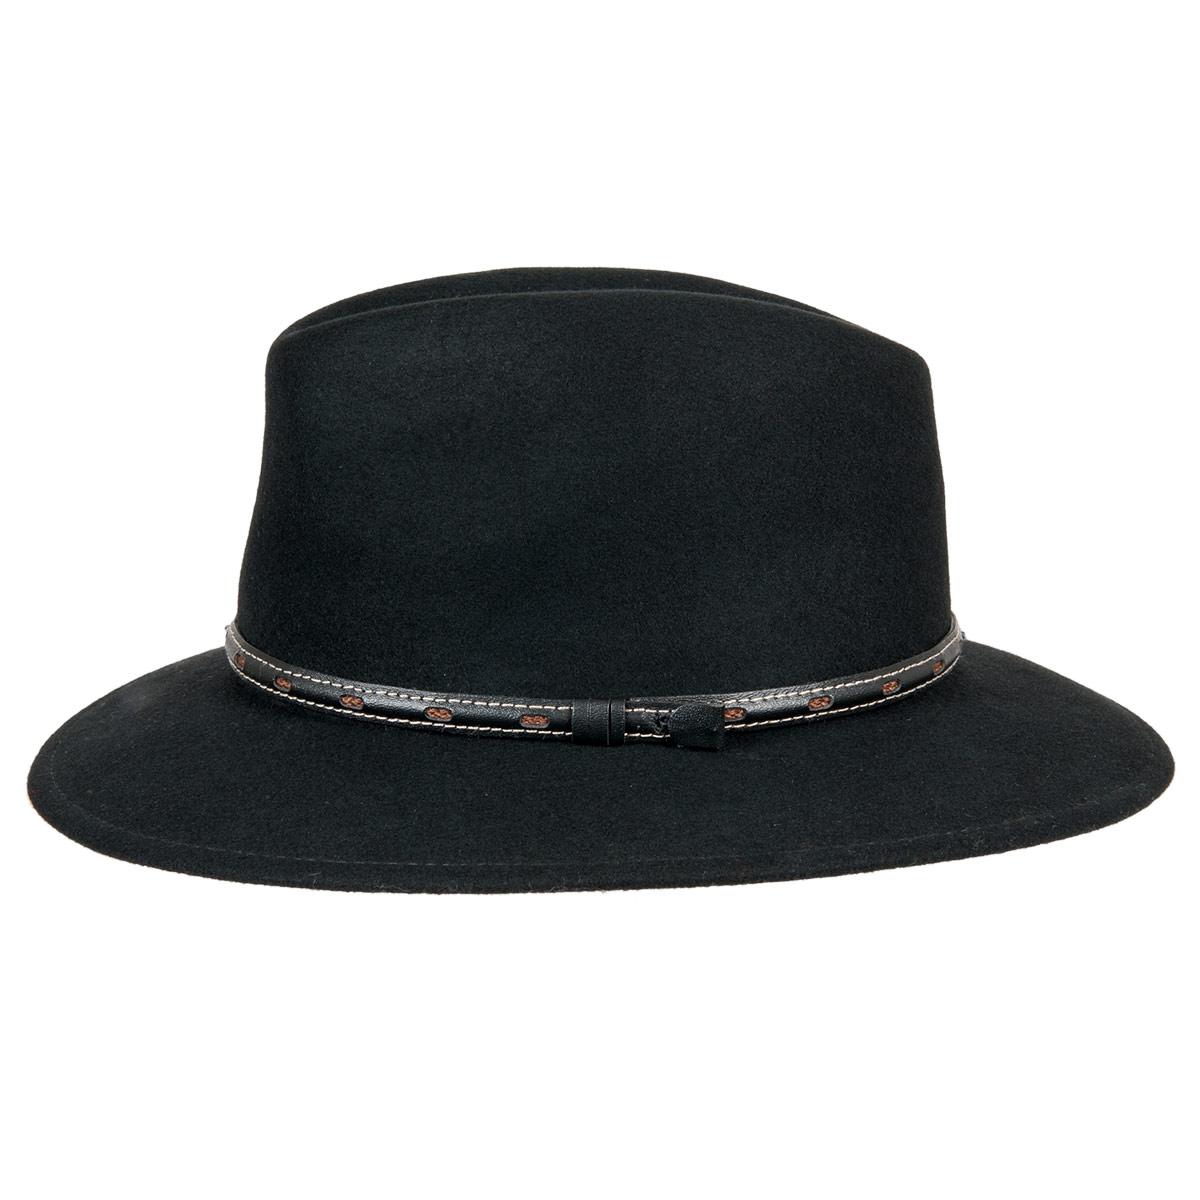 cappello in feltro di lana firmato HUTTER ... 747c240afea0